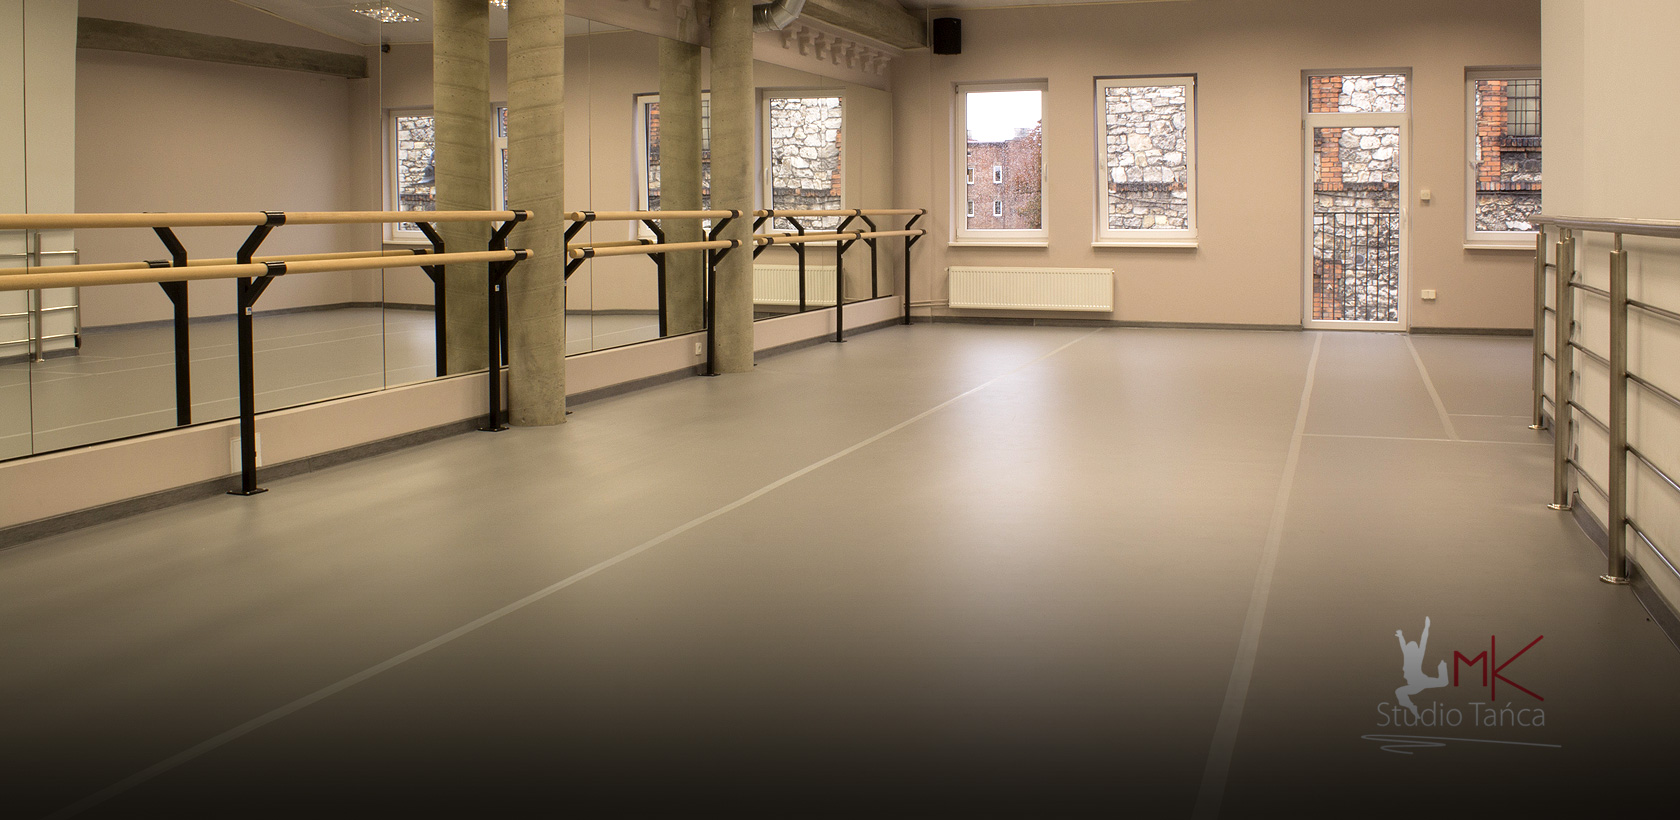 Jedna z sal baletowych